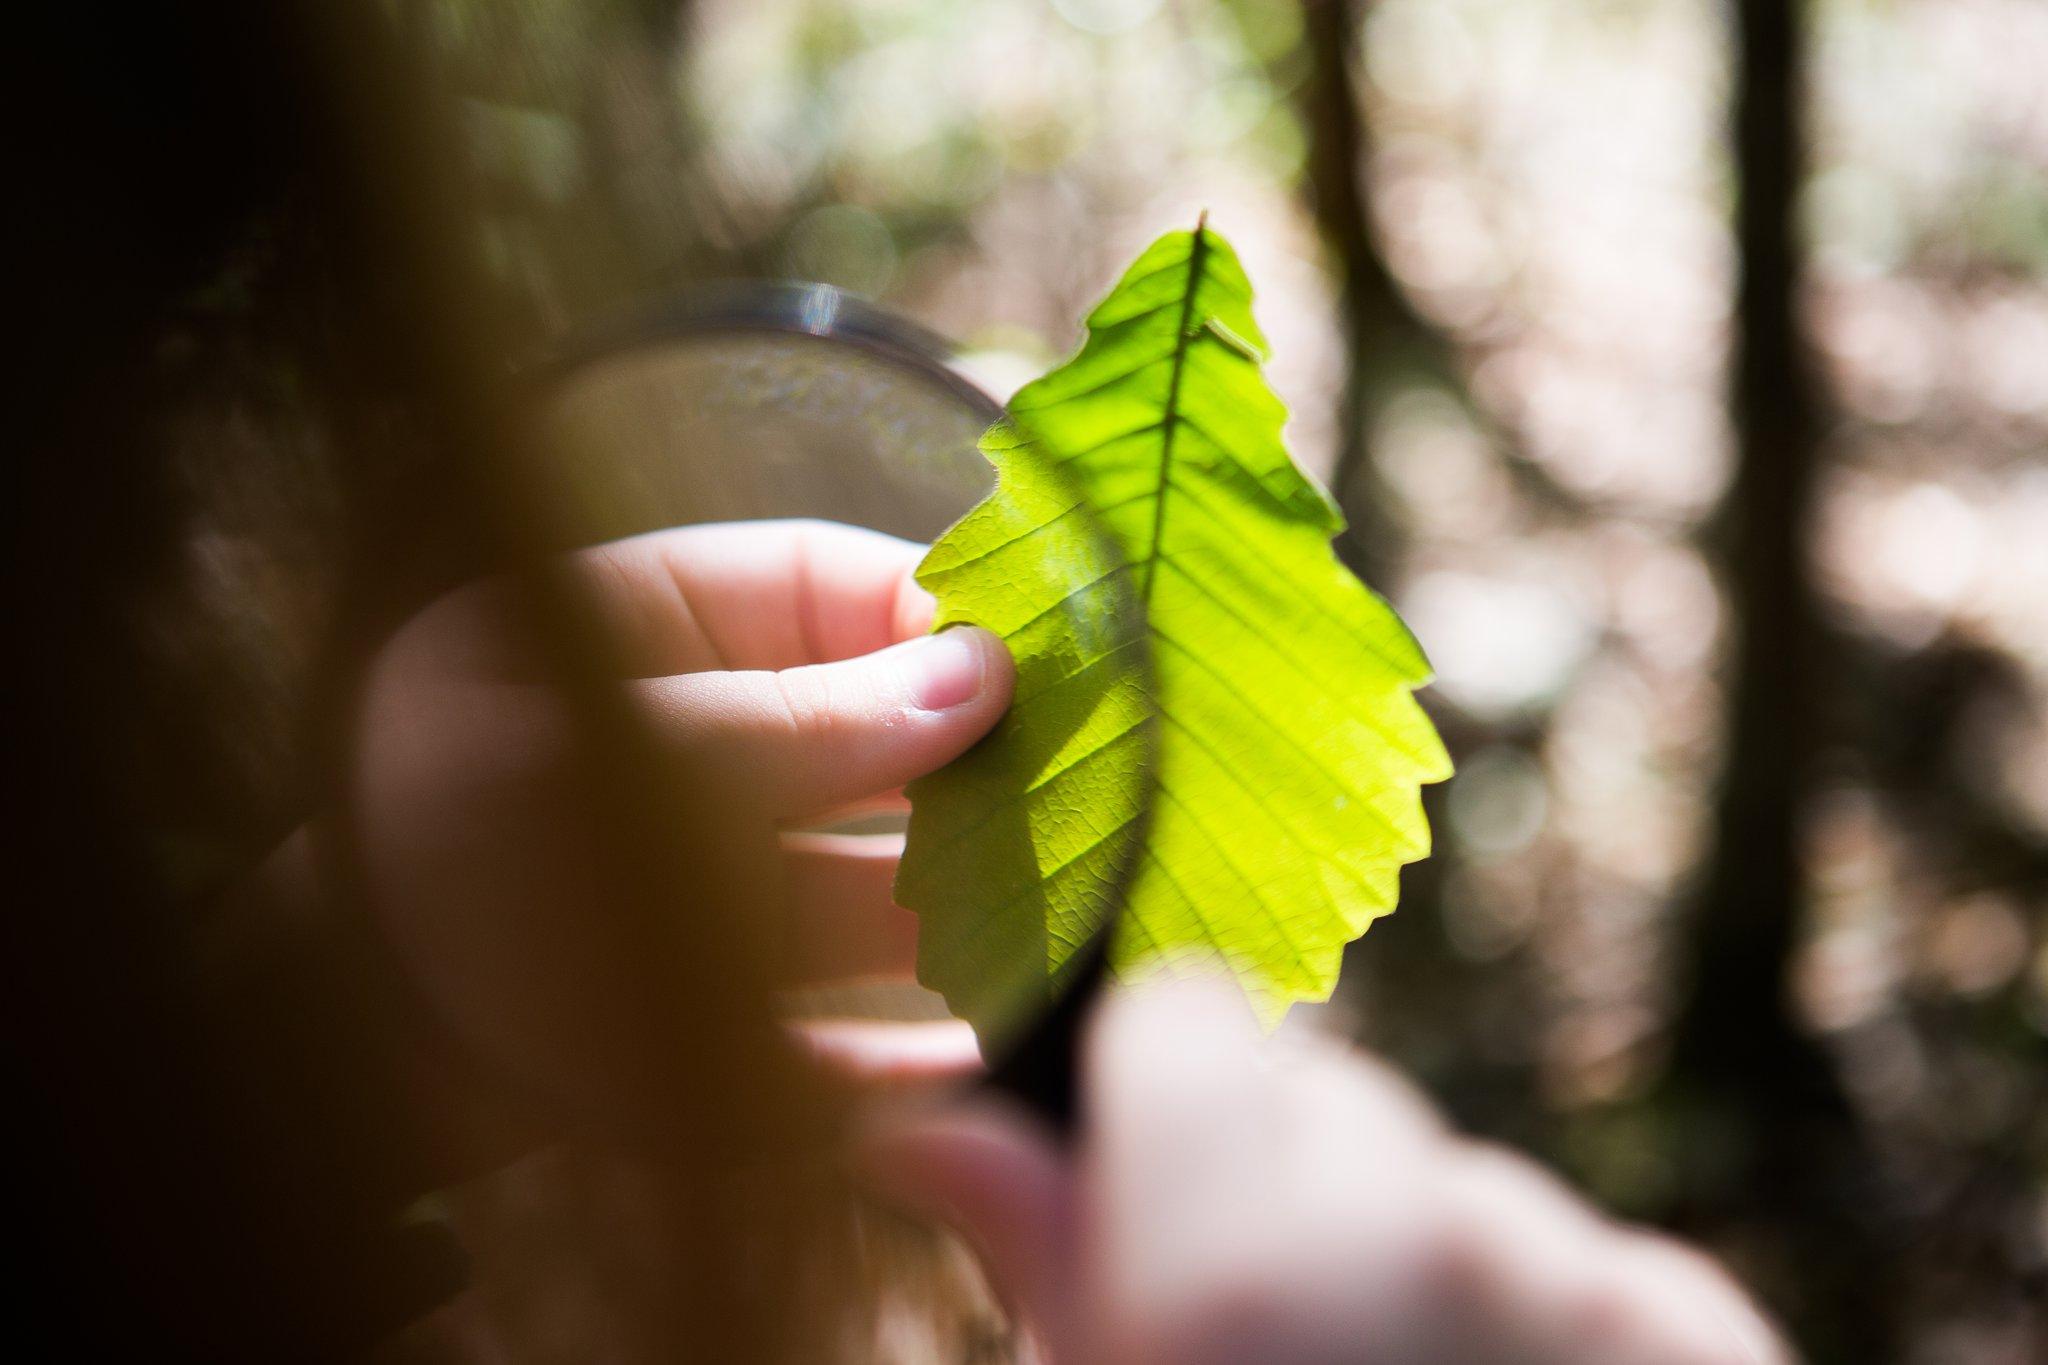 leaf from a scavenger hunt find